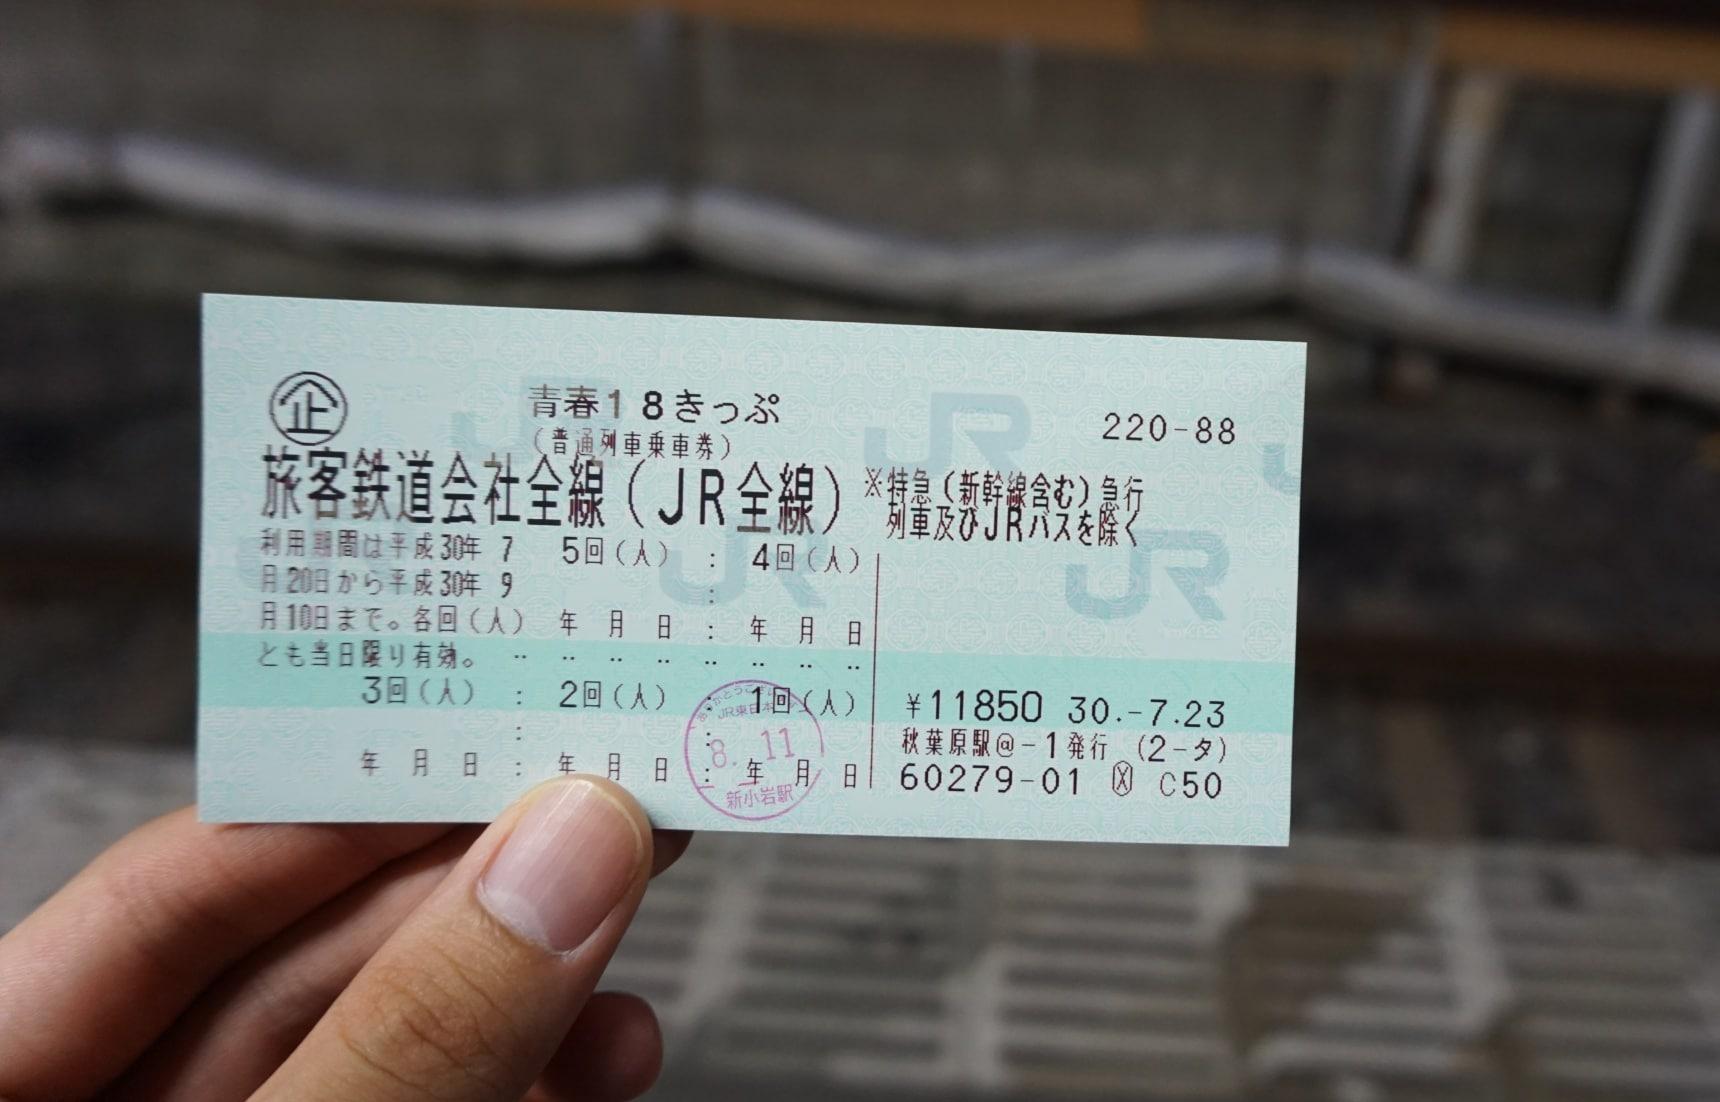 เพียง 600 บาท นั่งรถไฟจากโตเกียวไปอาโอโมริ!